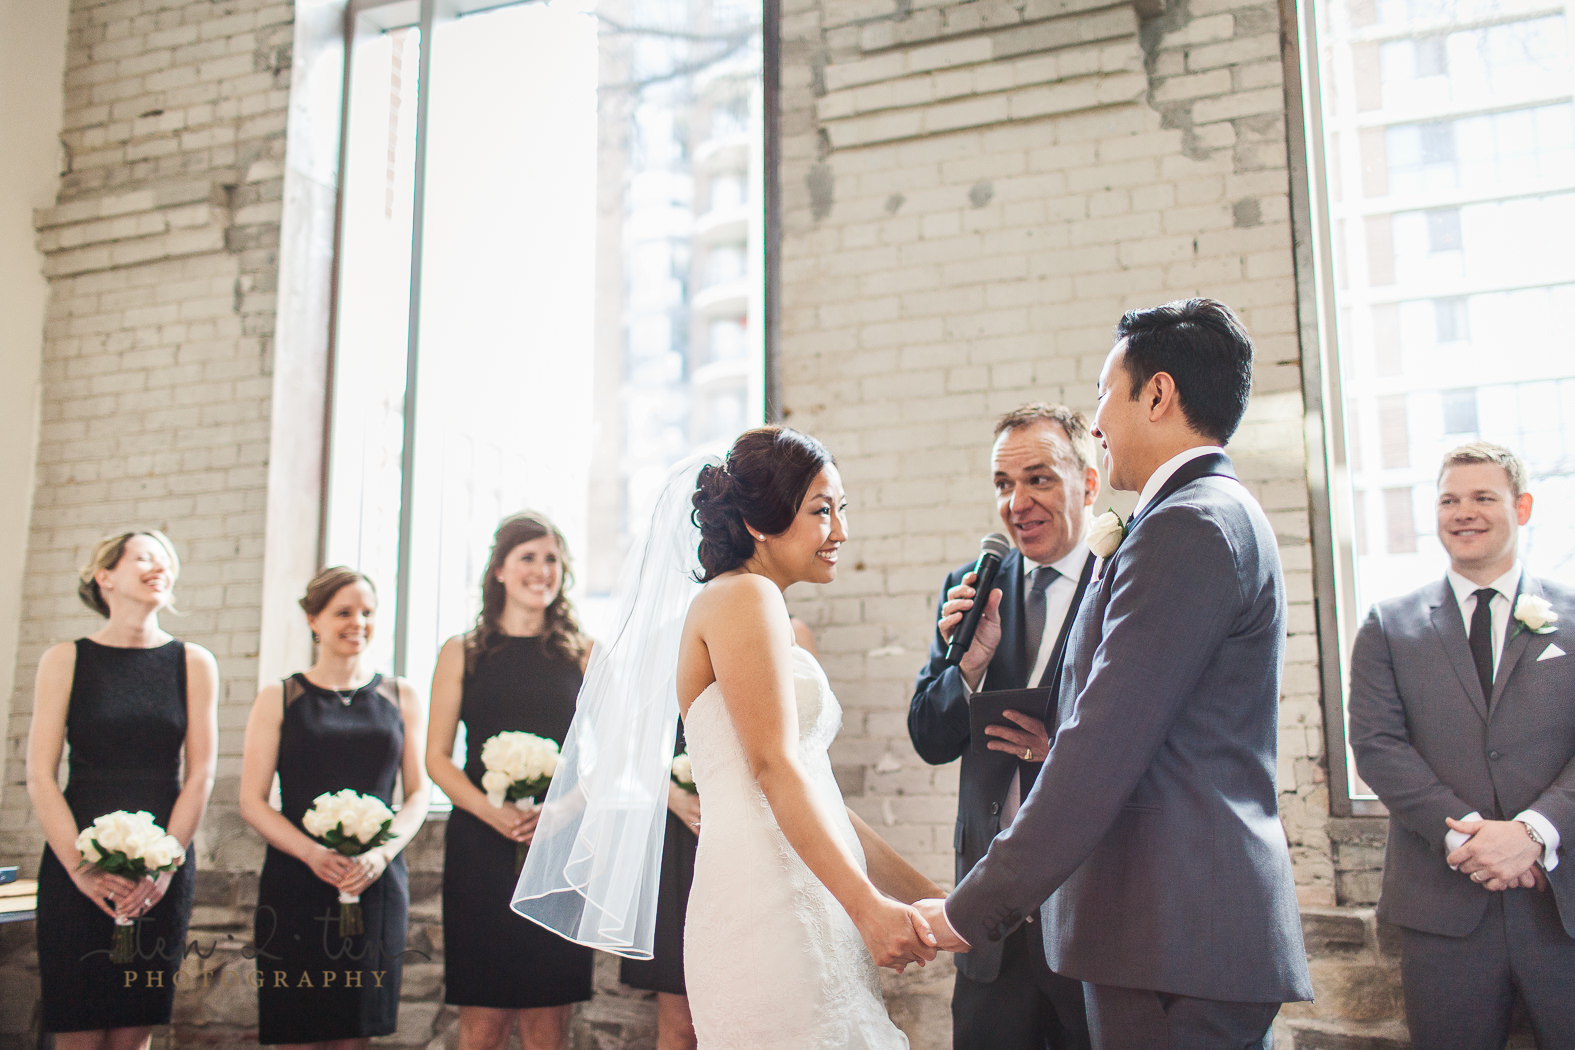 hotel ocho wedding, hotel ocho wedding photos, hotel ocho wedding photography, downtown toronto wedding, wedding ceremony at hotel ocho